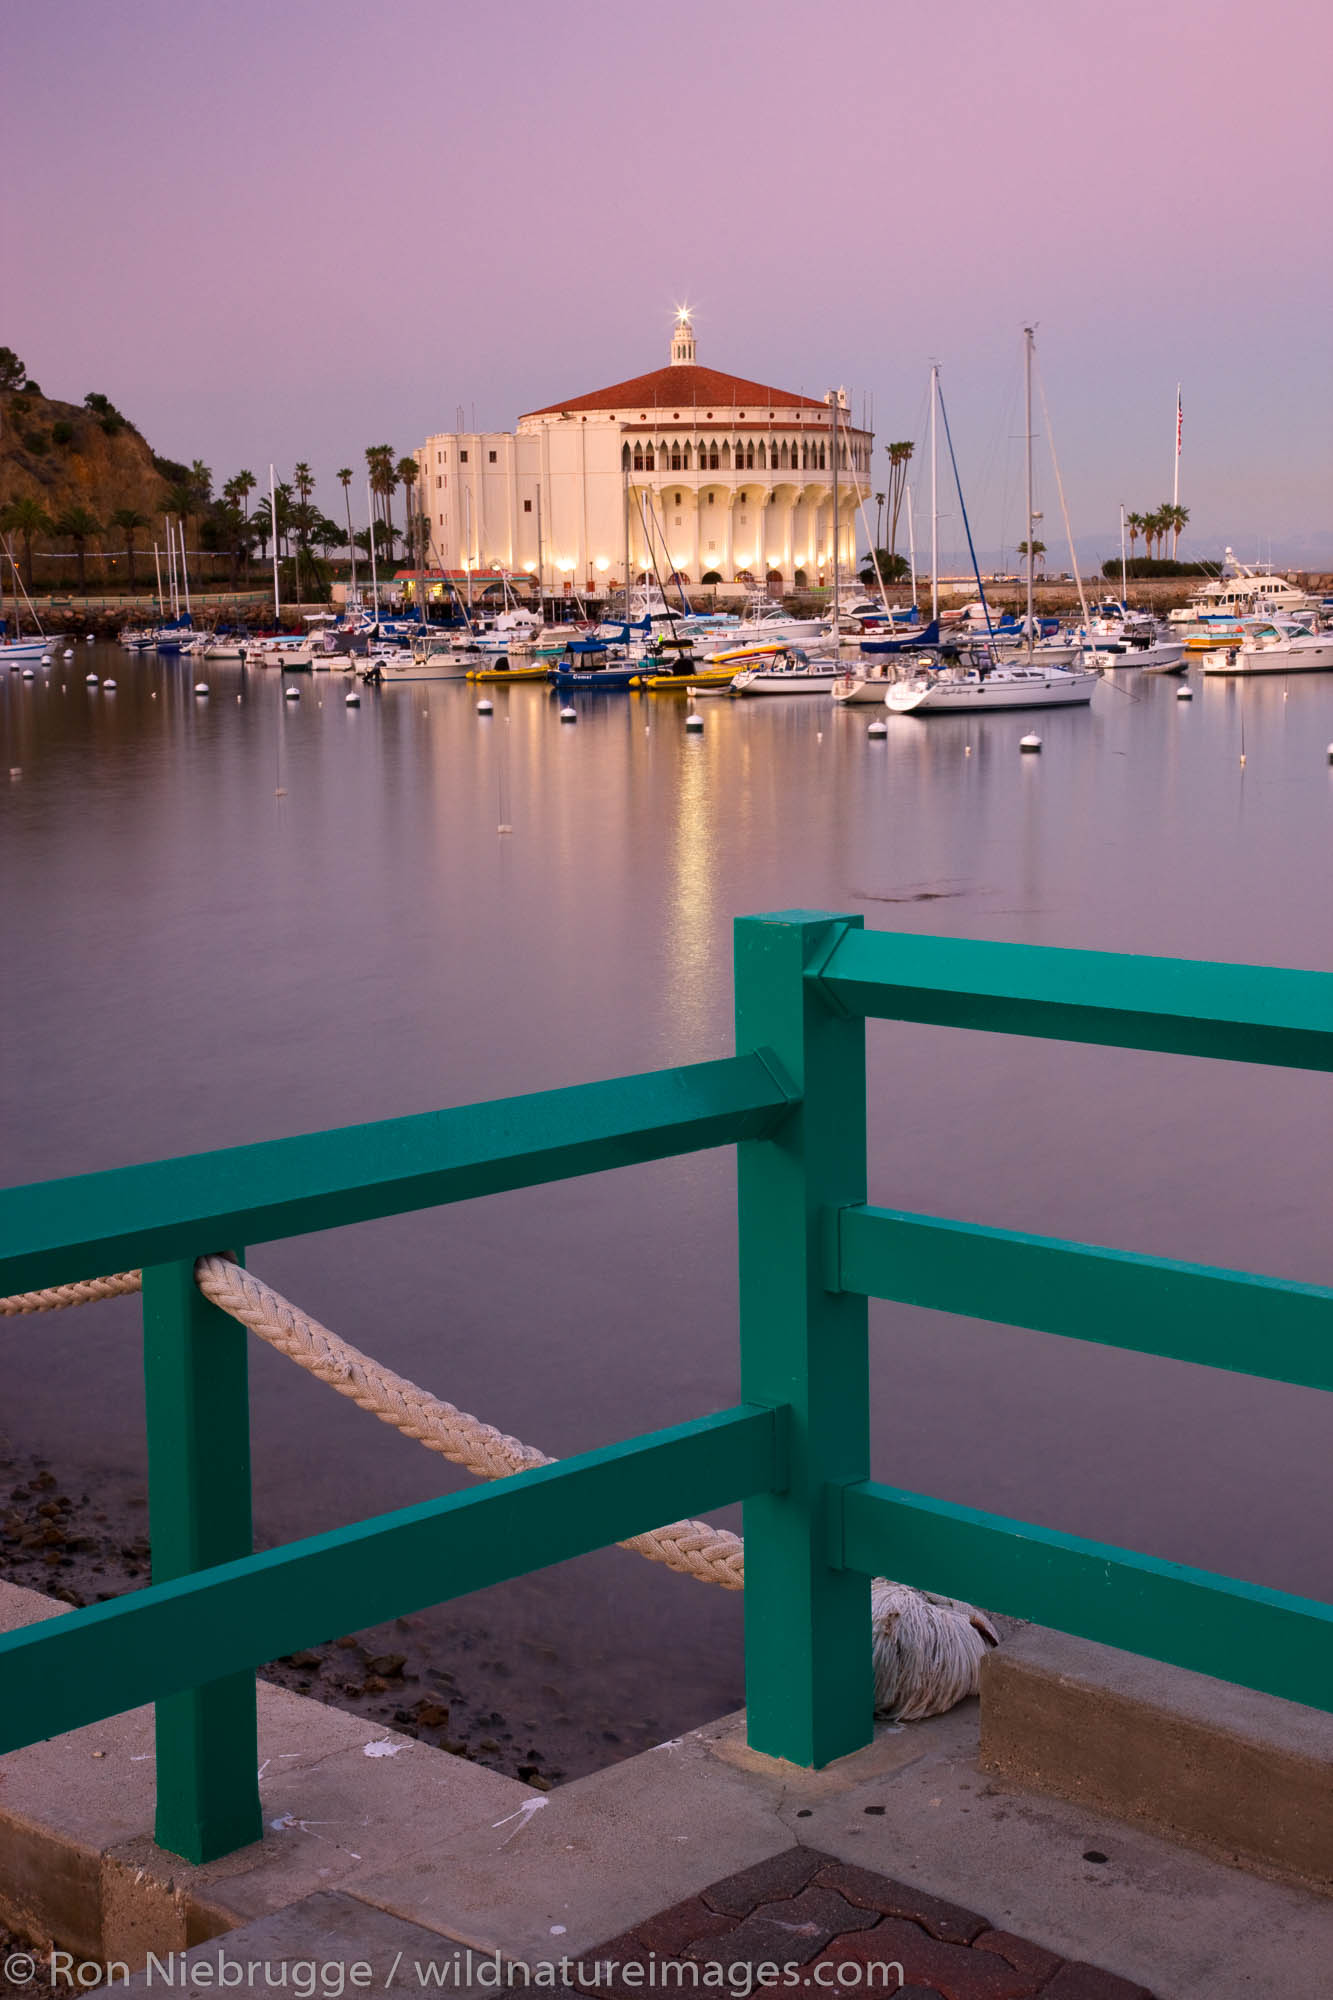 Avalon, Catalina Island, California.